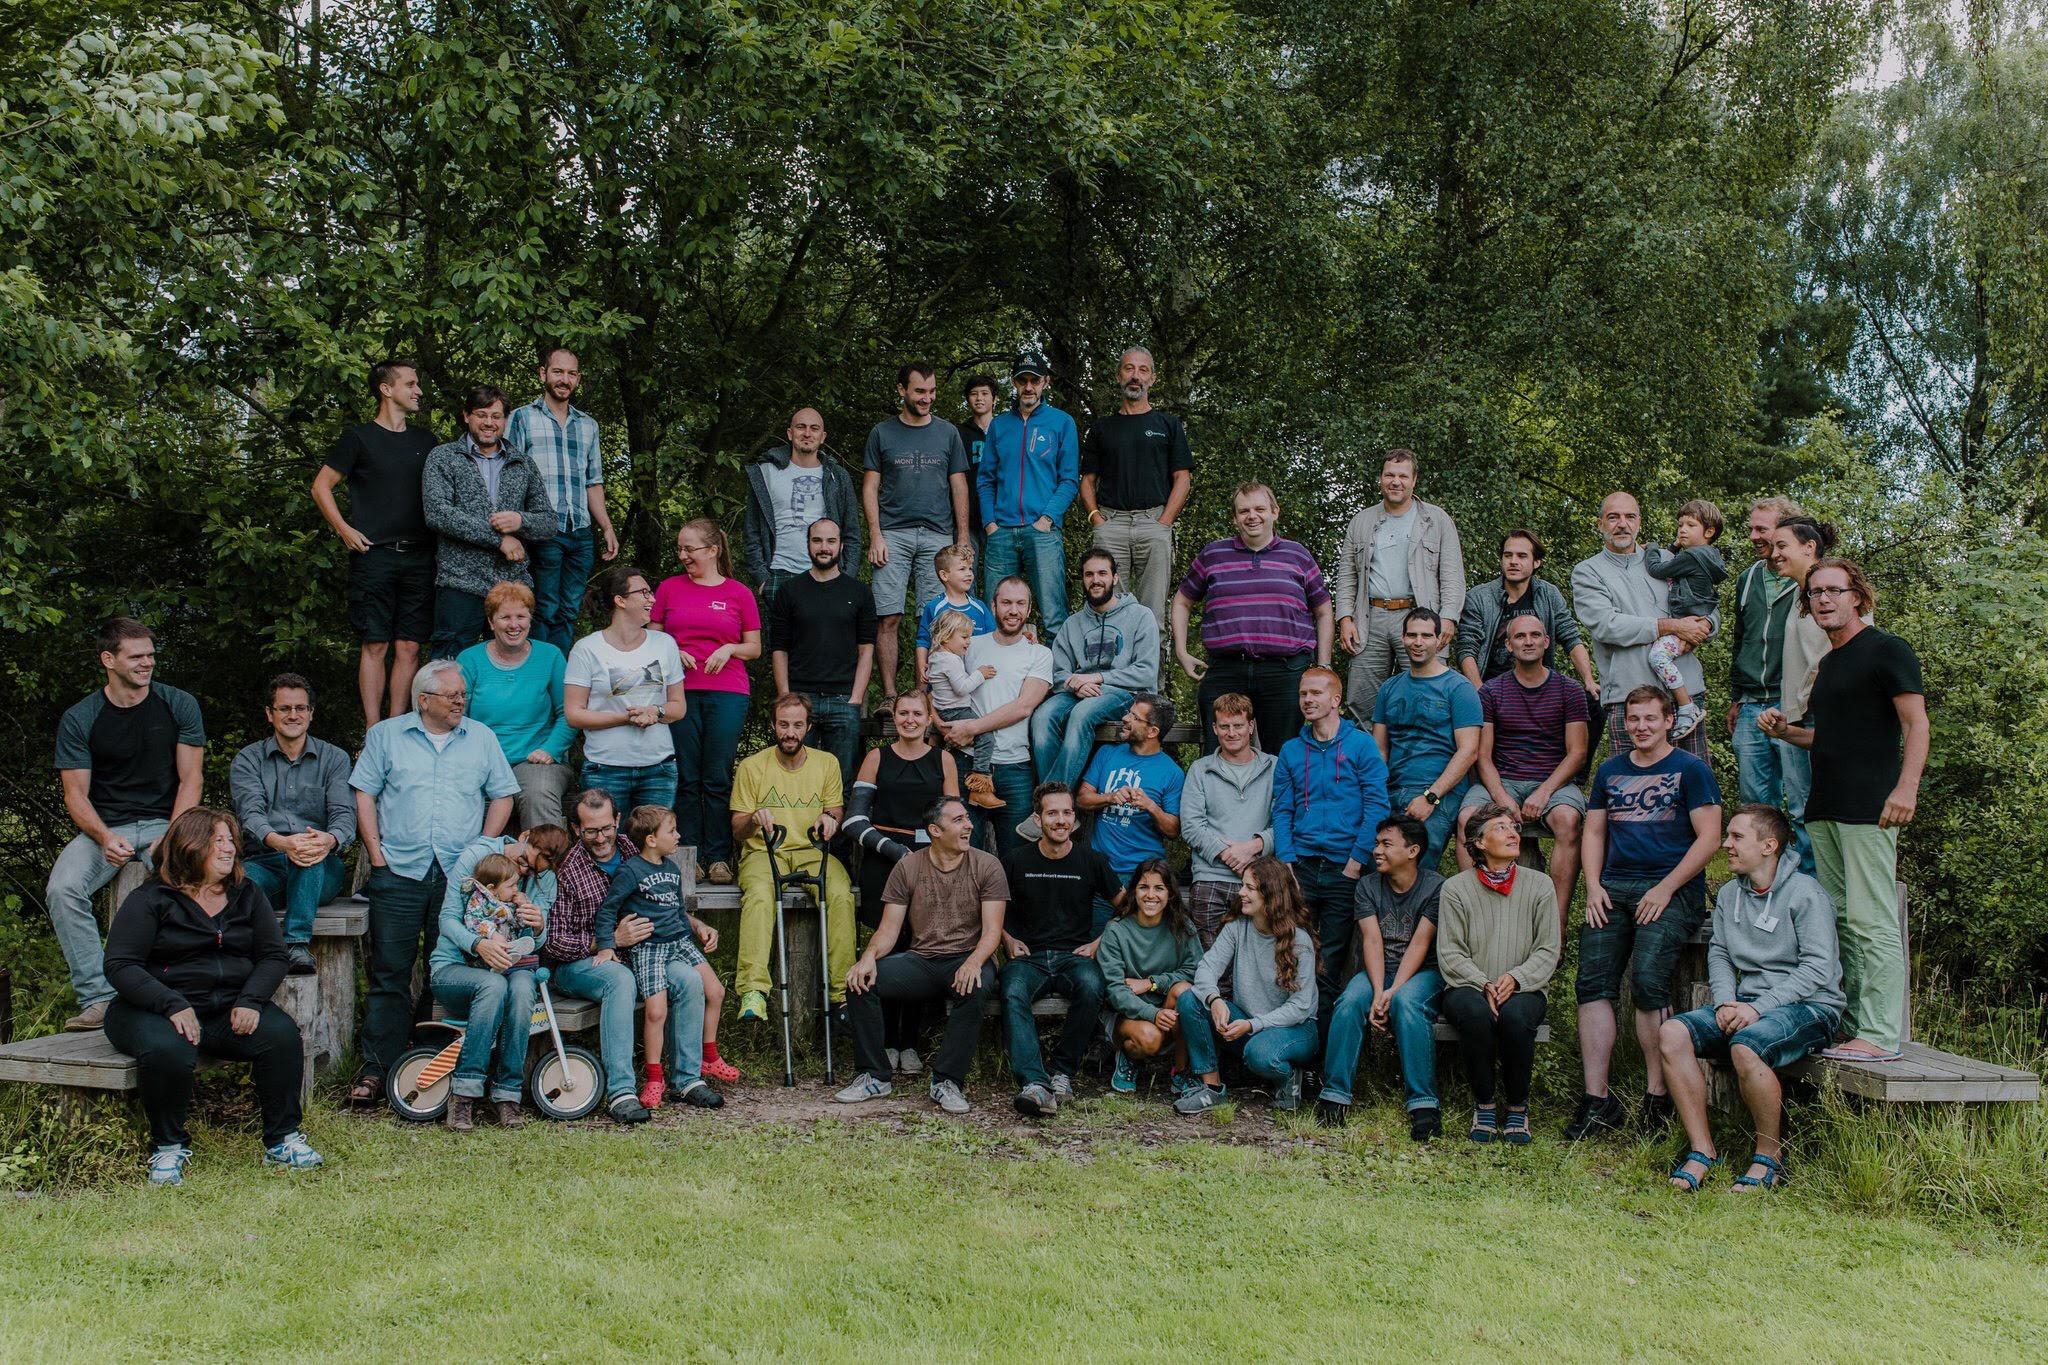 QGIS 2017 Group Photo by Maryanne Dawson